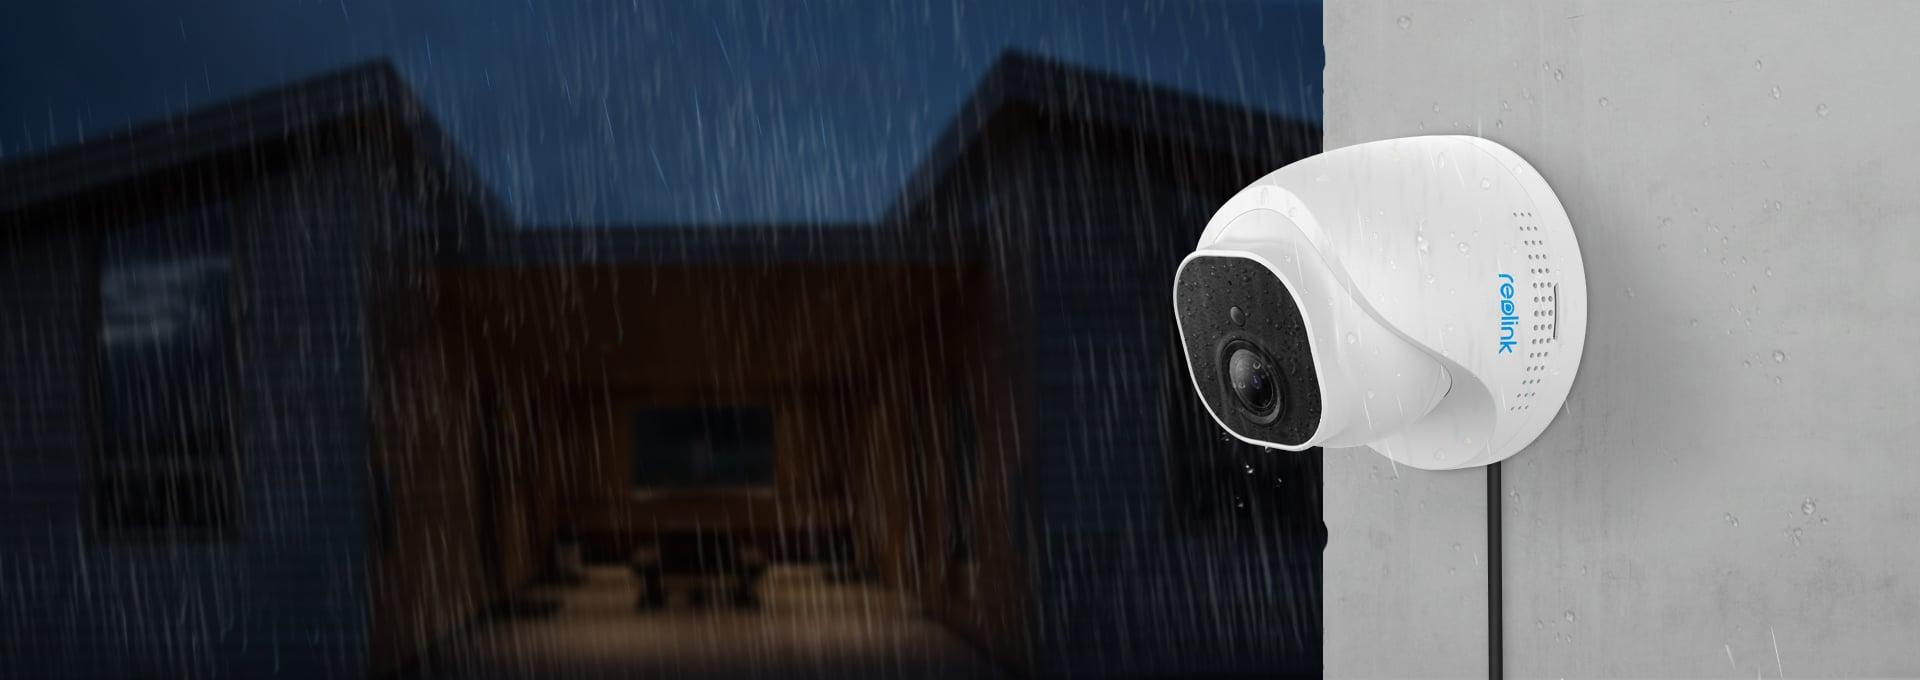 Wetterfeste 4K CCTV Kamerasystem für Außenbereich